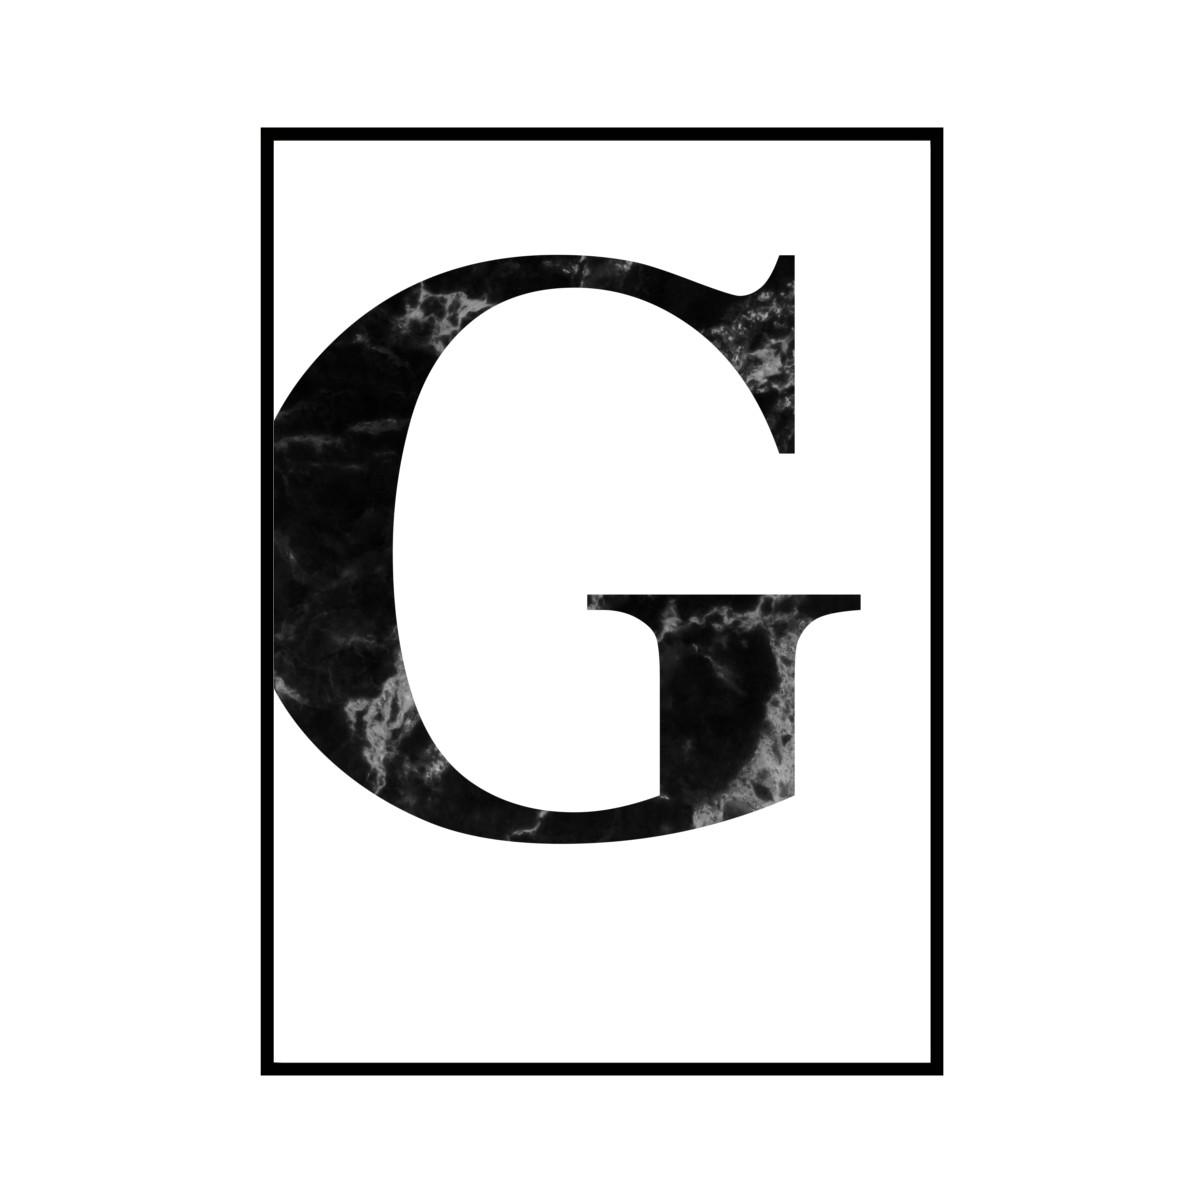 """""""G"""" 黒大理石 - Black marble - ALPHAシリーズ [SD-000508] B4サイズ ポスター単品"""